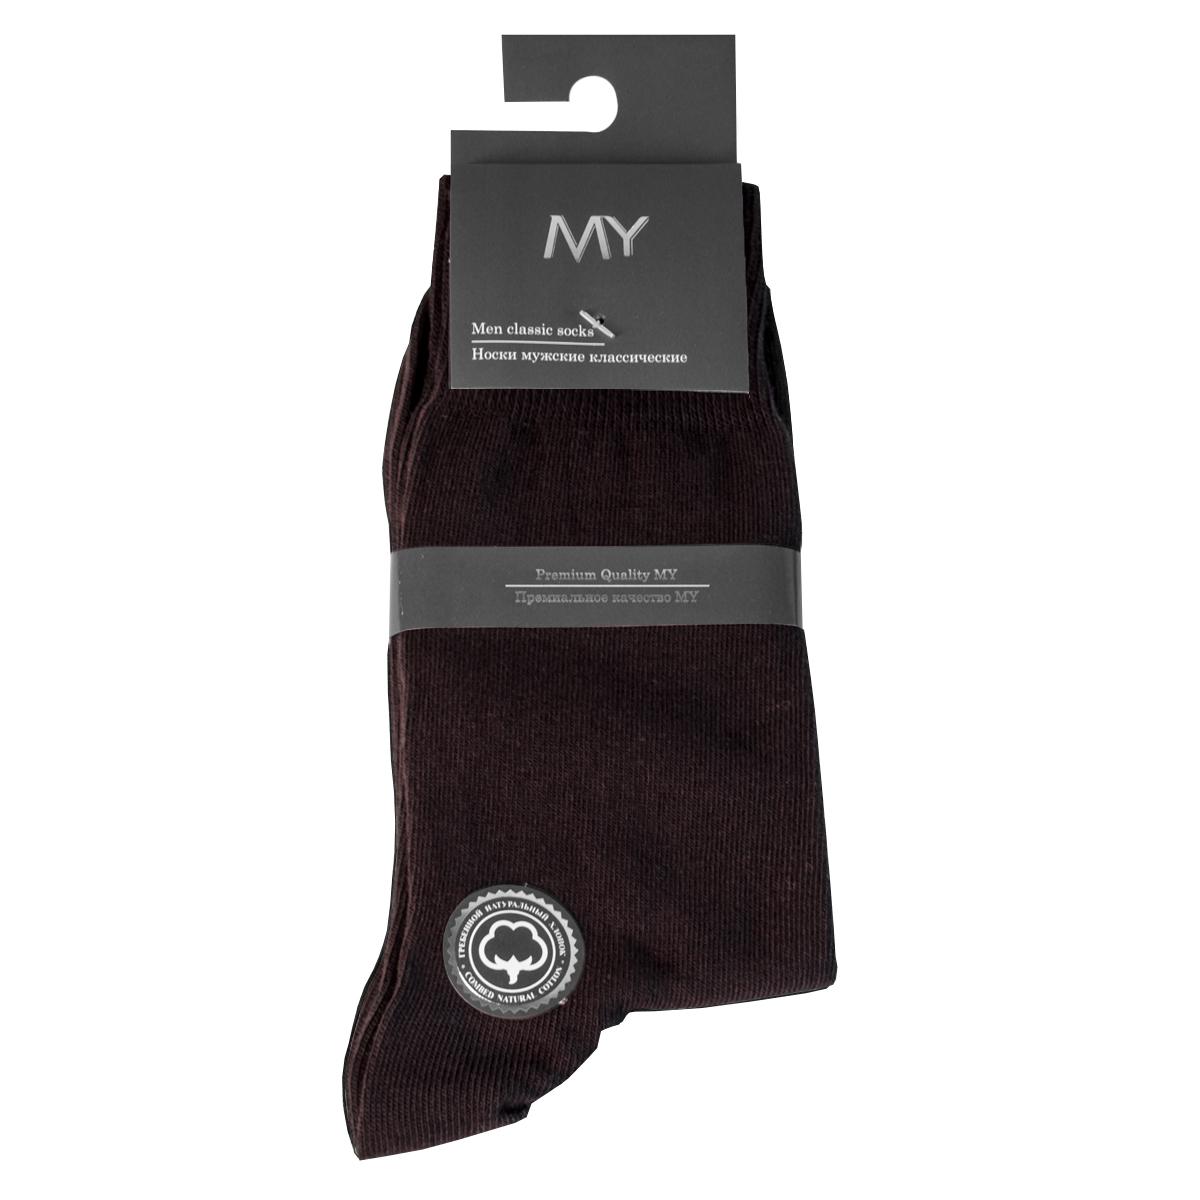 Носки мужские Mirey, цвет: коричневый. MSC 003. Размер (38/40)MSC 003Классические мужские носки от Mirey выполнены из хлопка с эластаном.Мысок и пятка не усиленные, двойная резинка, плоский шов.